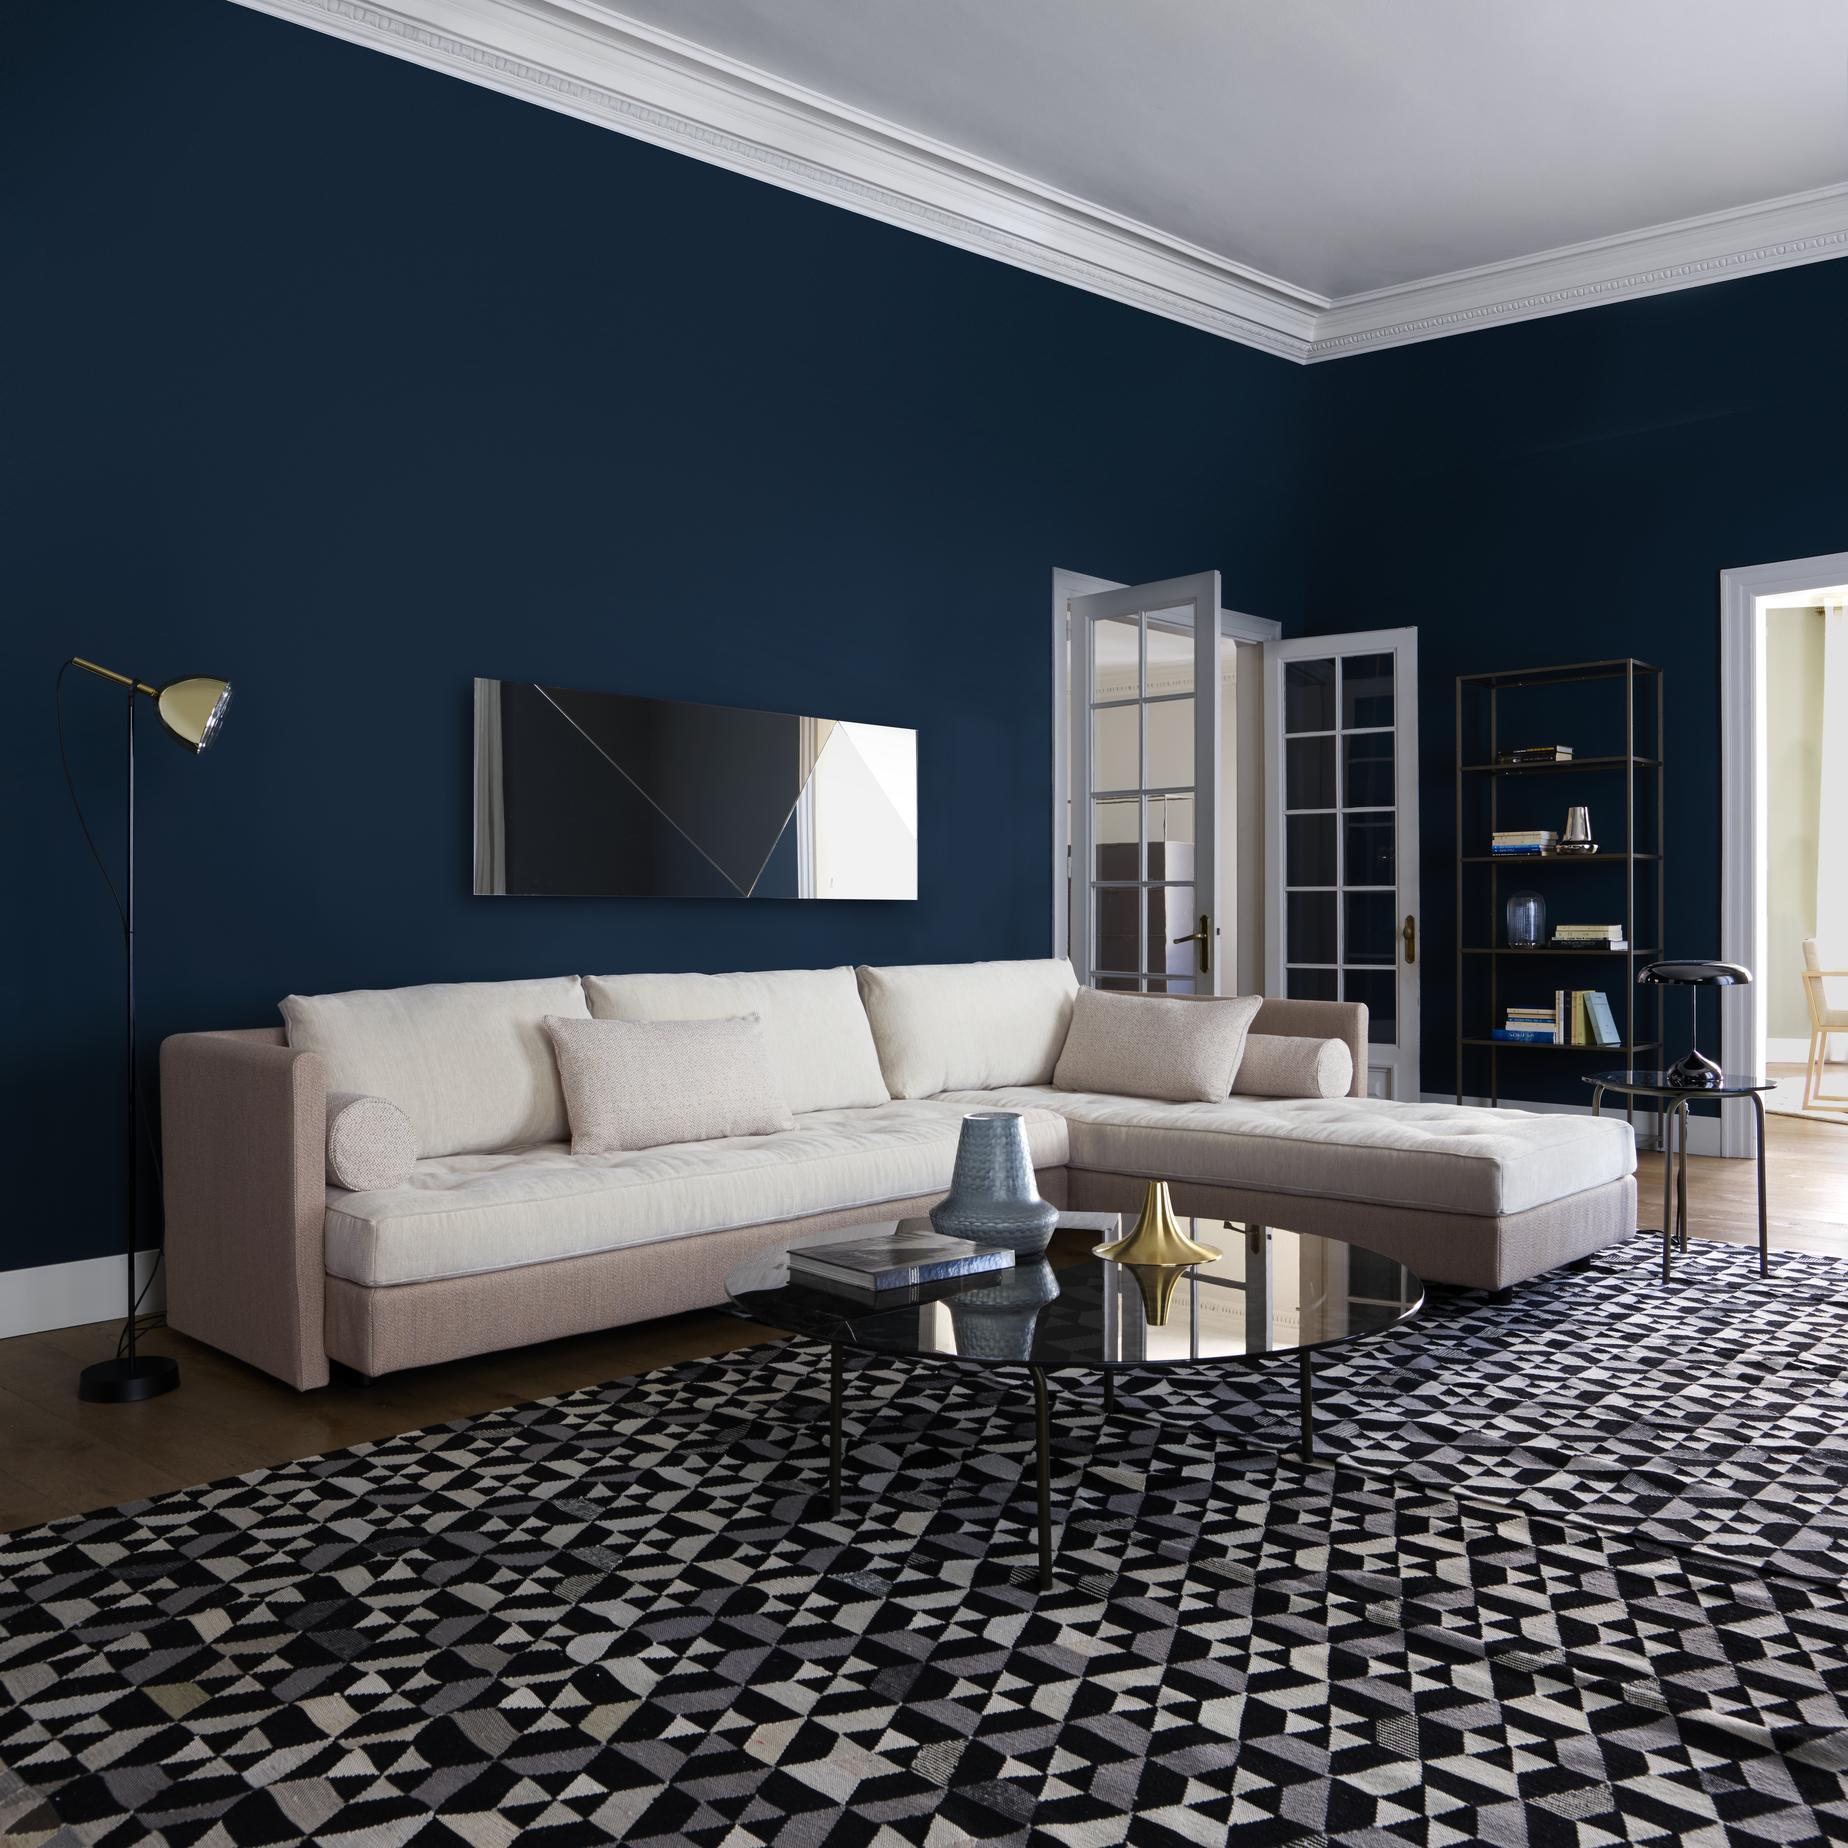 nomade 2 canap s du designer didier gomez ligne roset. Black Bedroom Furniture Sets. Home Design Ideas